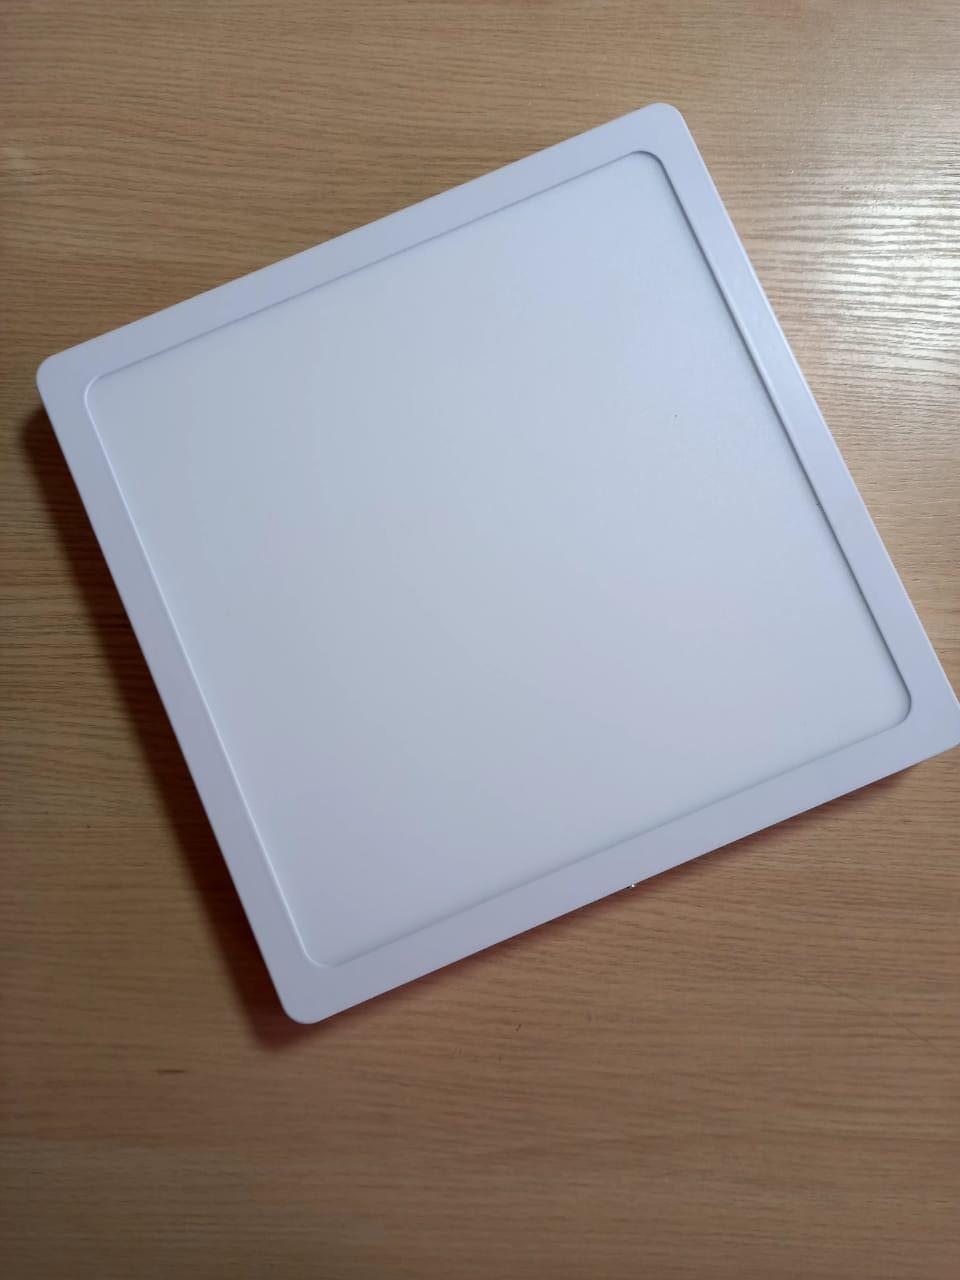 Панель светодиодная внешняя квадратная LED 18 W